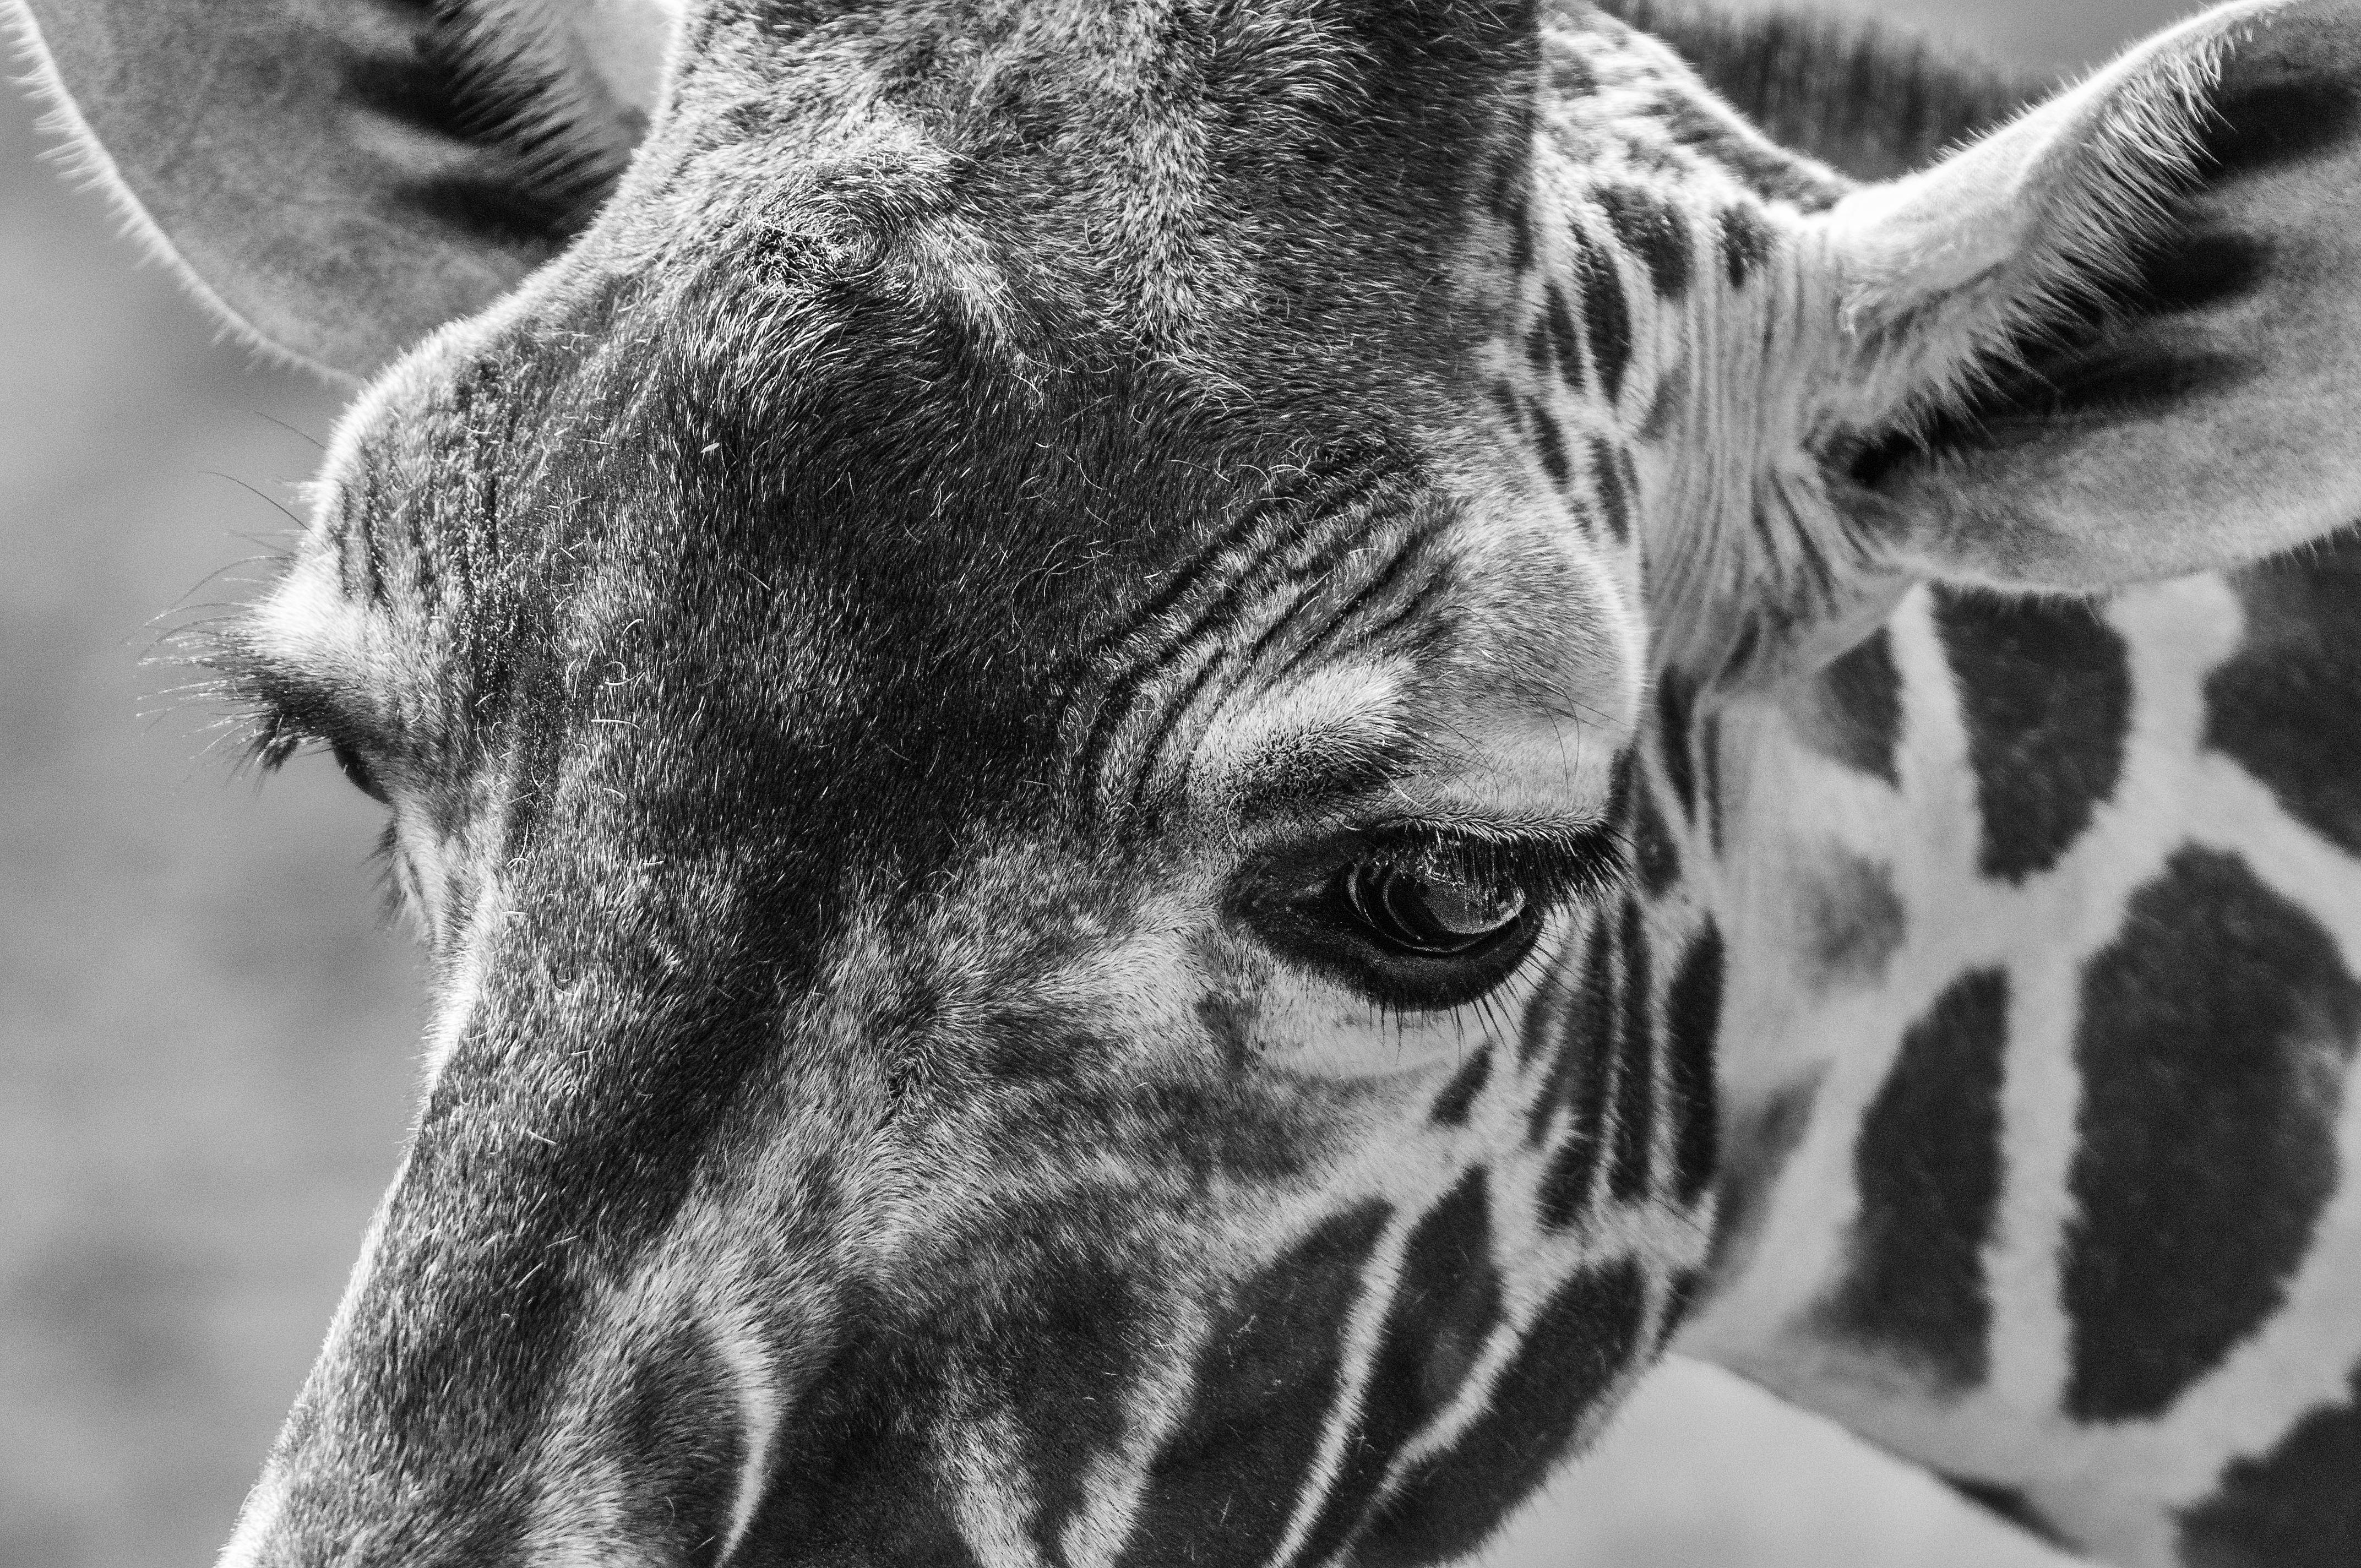 Giraffe_DSC7812